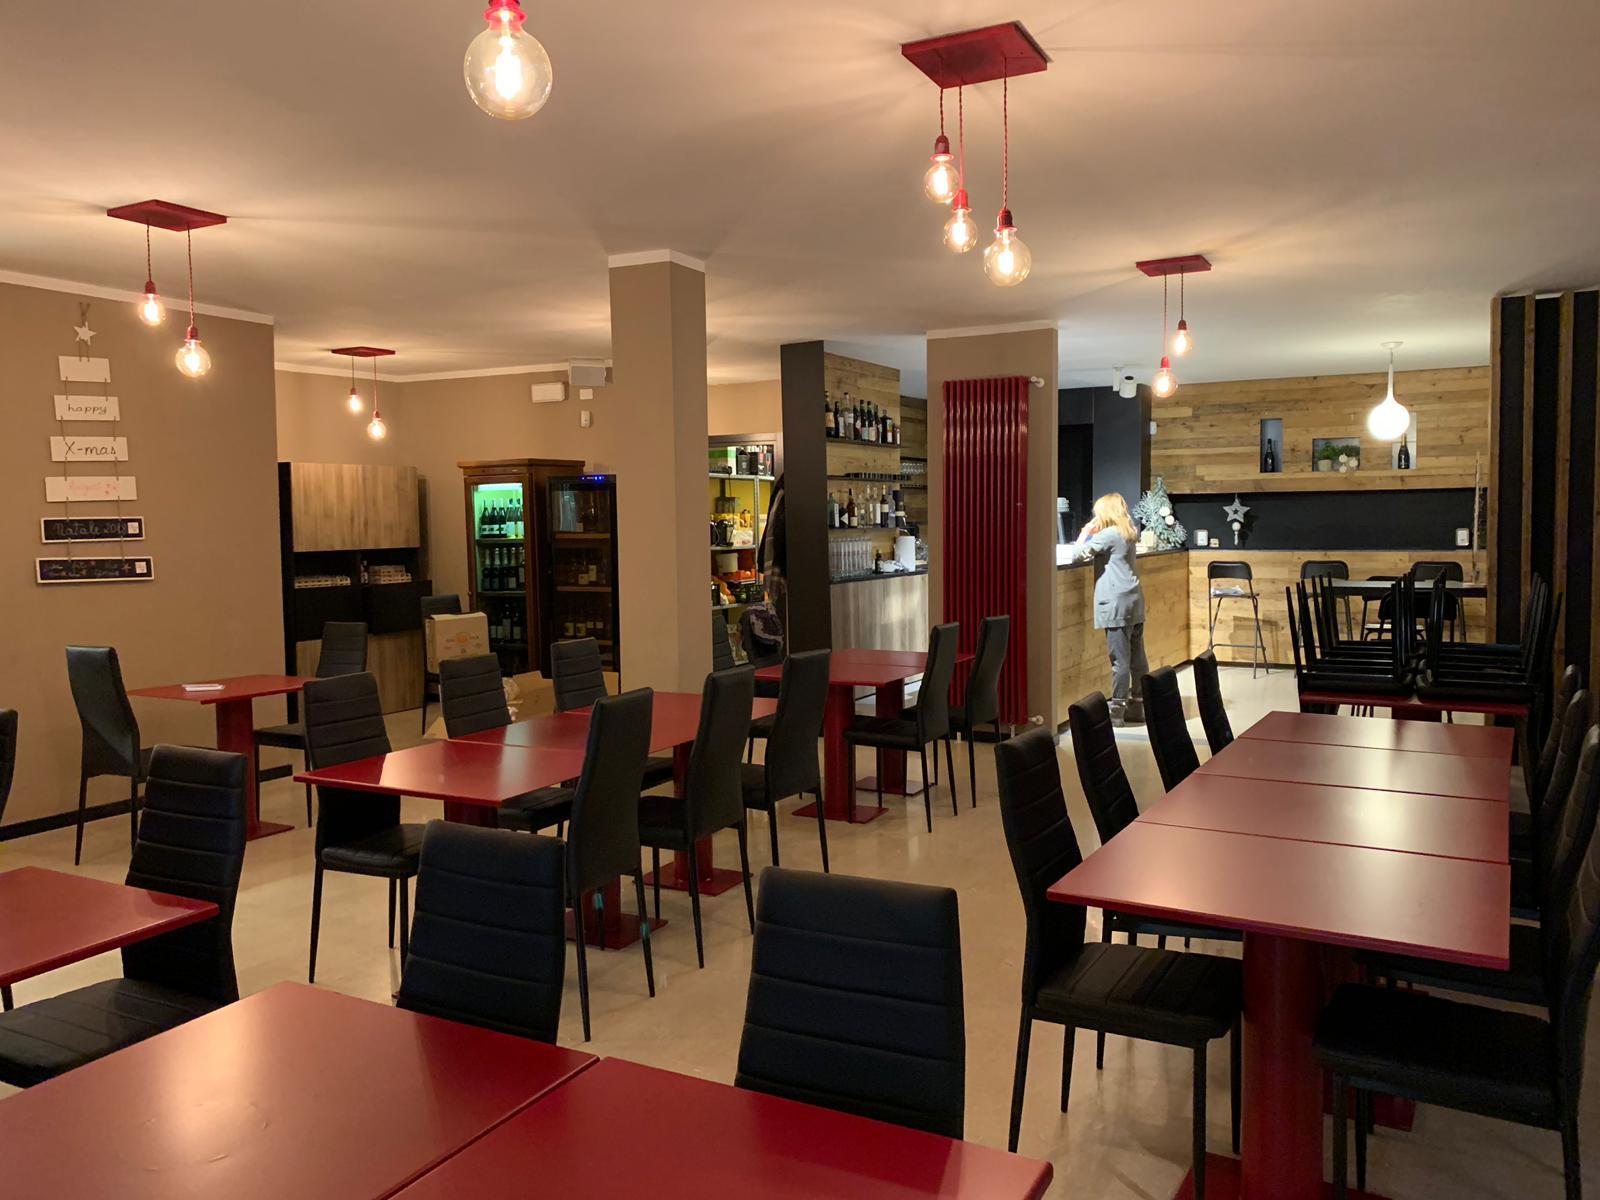 La sala del ristorante Per Belloni 24 Due a Rovigo